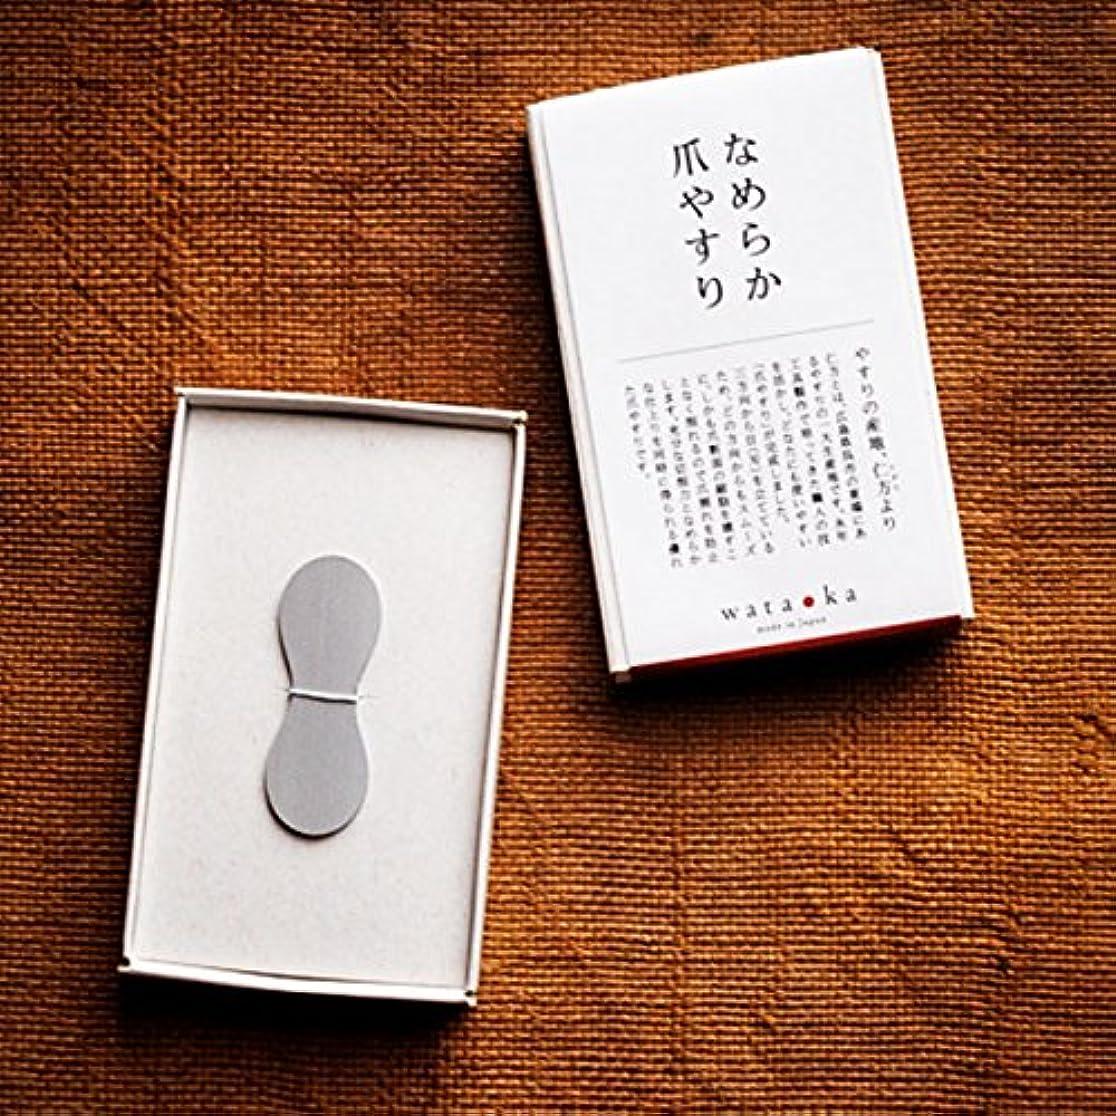 差別化するまともな短命wataoka 鑢のワタオカ 爪やすり (専用パッケージ入り)